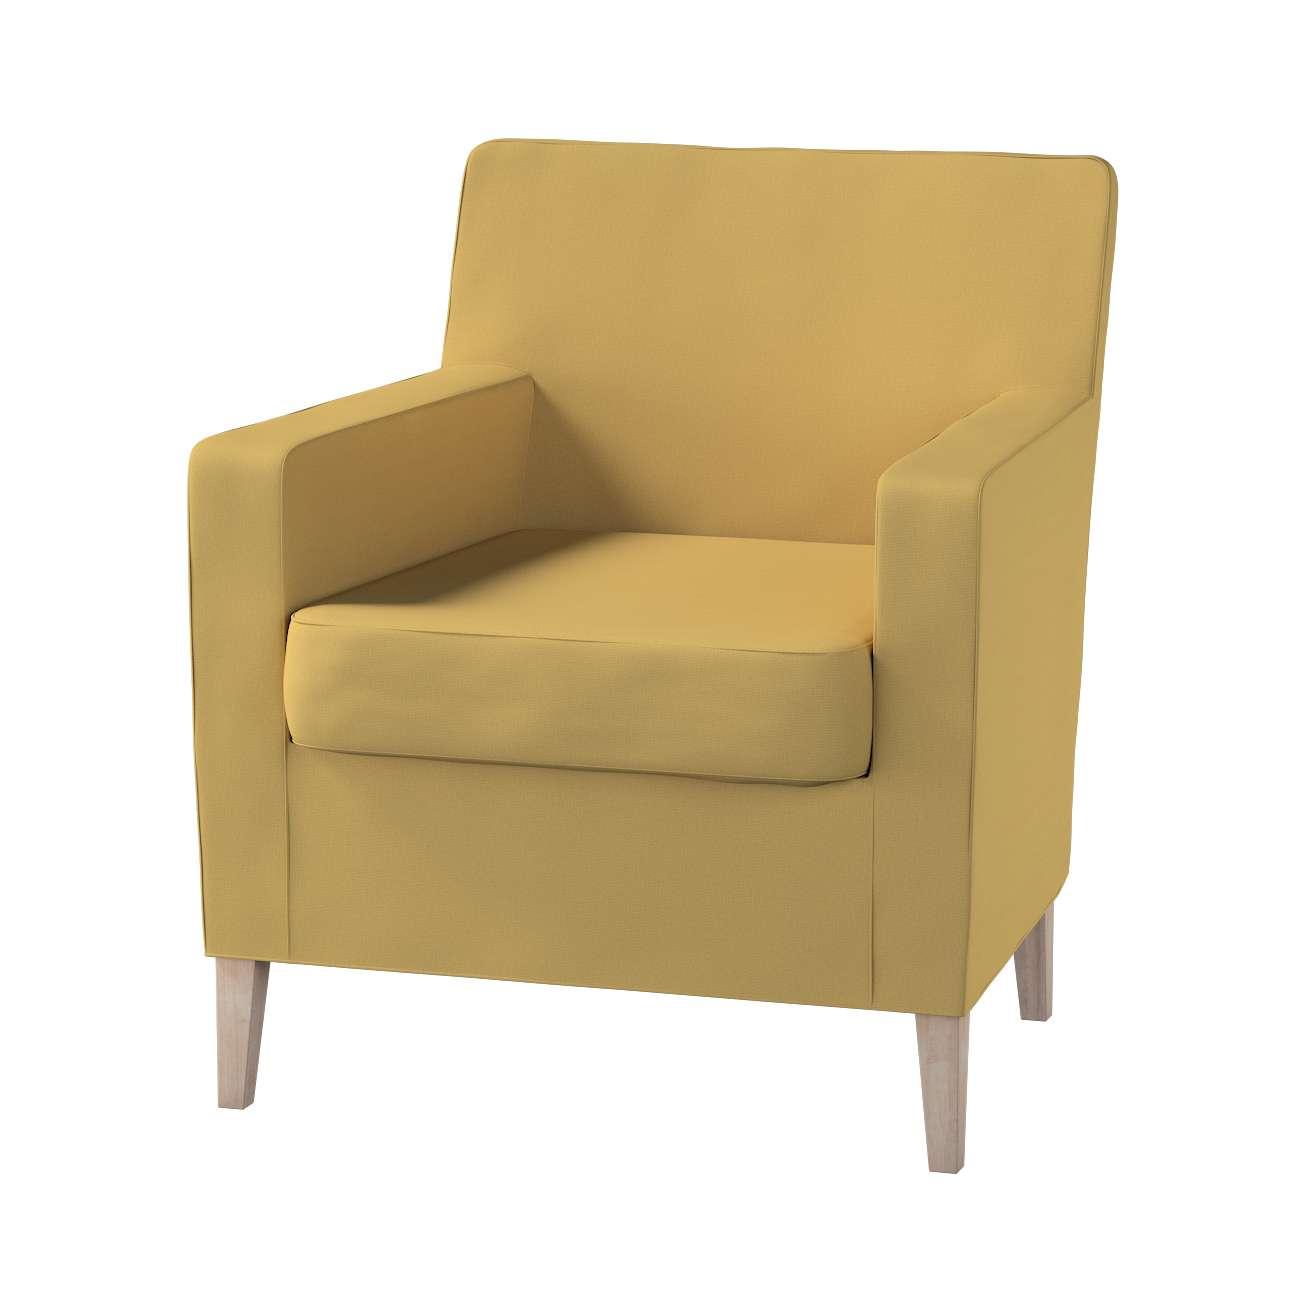 Pokrowiec na fotel Karlstad w kolekcji Cotton Panama, tkanina: 702-41